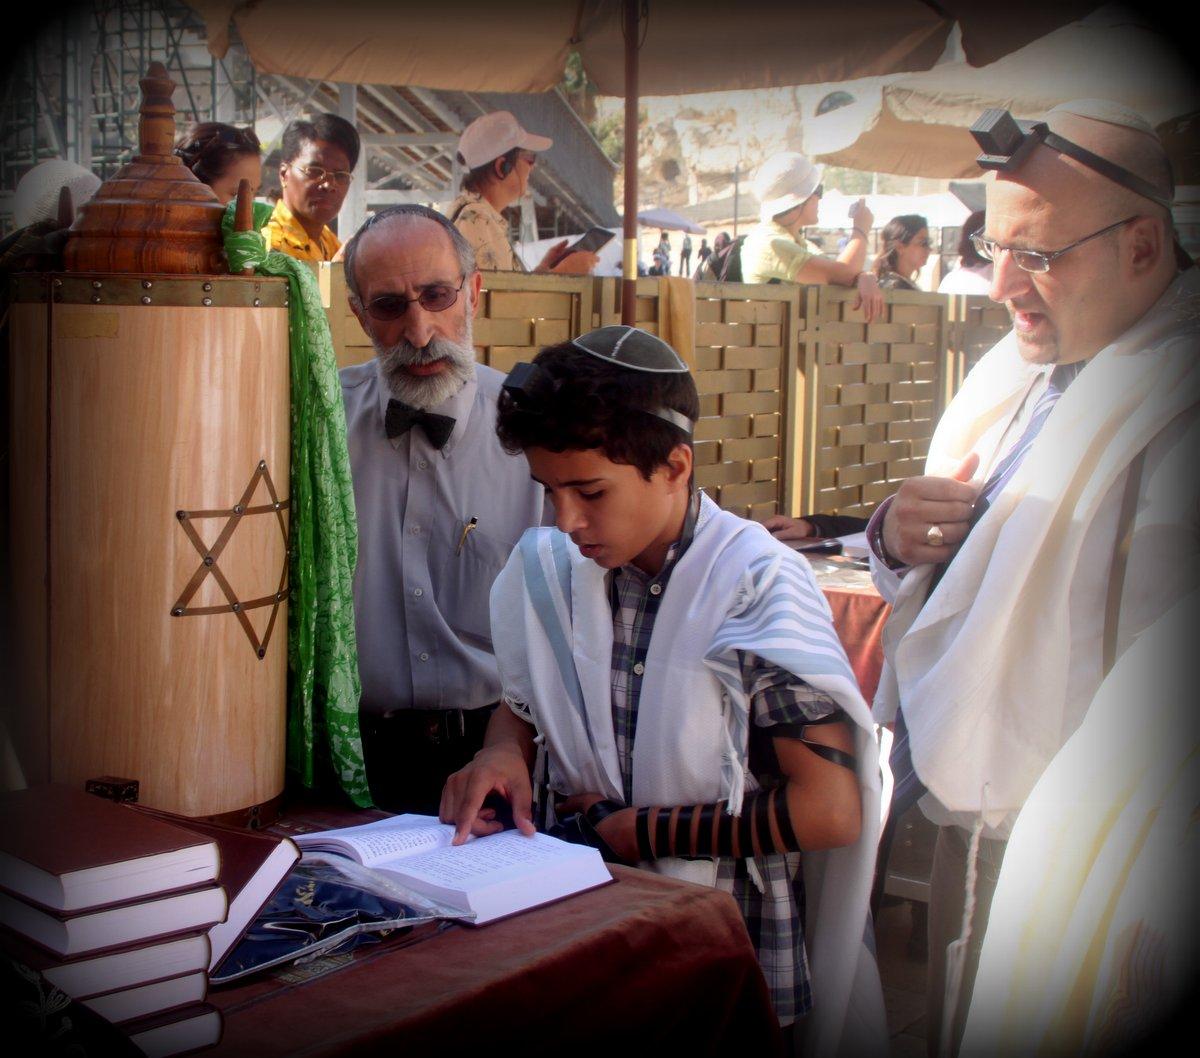 上图:一个犹太男孩在成为「诫命之子」的仪式上,他的前额和手上都带着经文匣(Tefillin),身上披着祷告巾( Tallit)。犹太儿童虽然被鼓励遵守诫命,但律法没有要求他们遵守诫命。当男孩到13岁,女孩子到12岁,就有责任遵守律法诫命,被称为「诫命之子」(Bar Mitzvah)和「诫命之女」(Bat Mitzvah)。男孩将承担更多责任,被安排在会堂中诵读妥拉、先知书和唱颂圣歌,带领聚会和公祷。